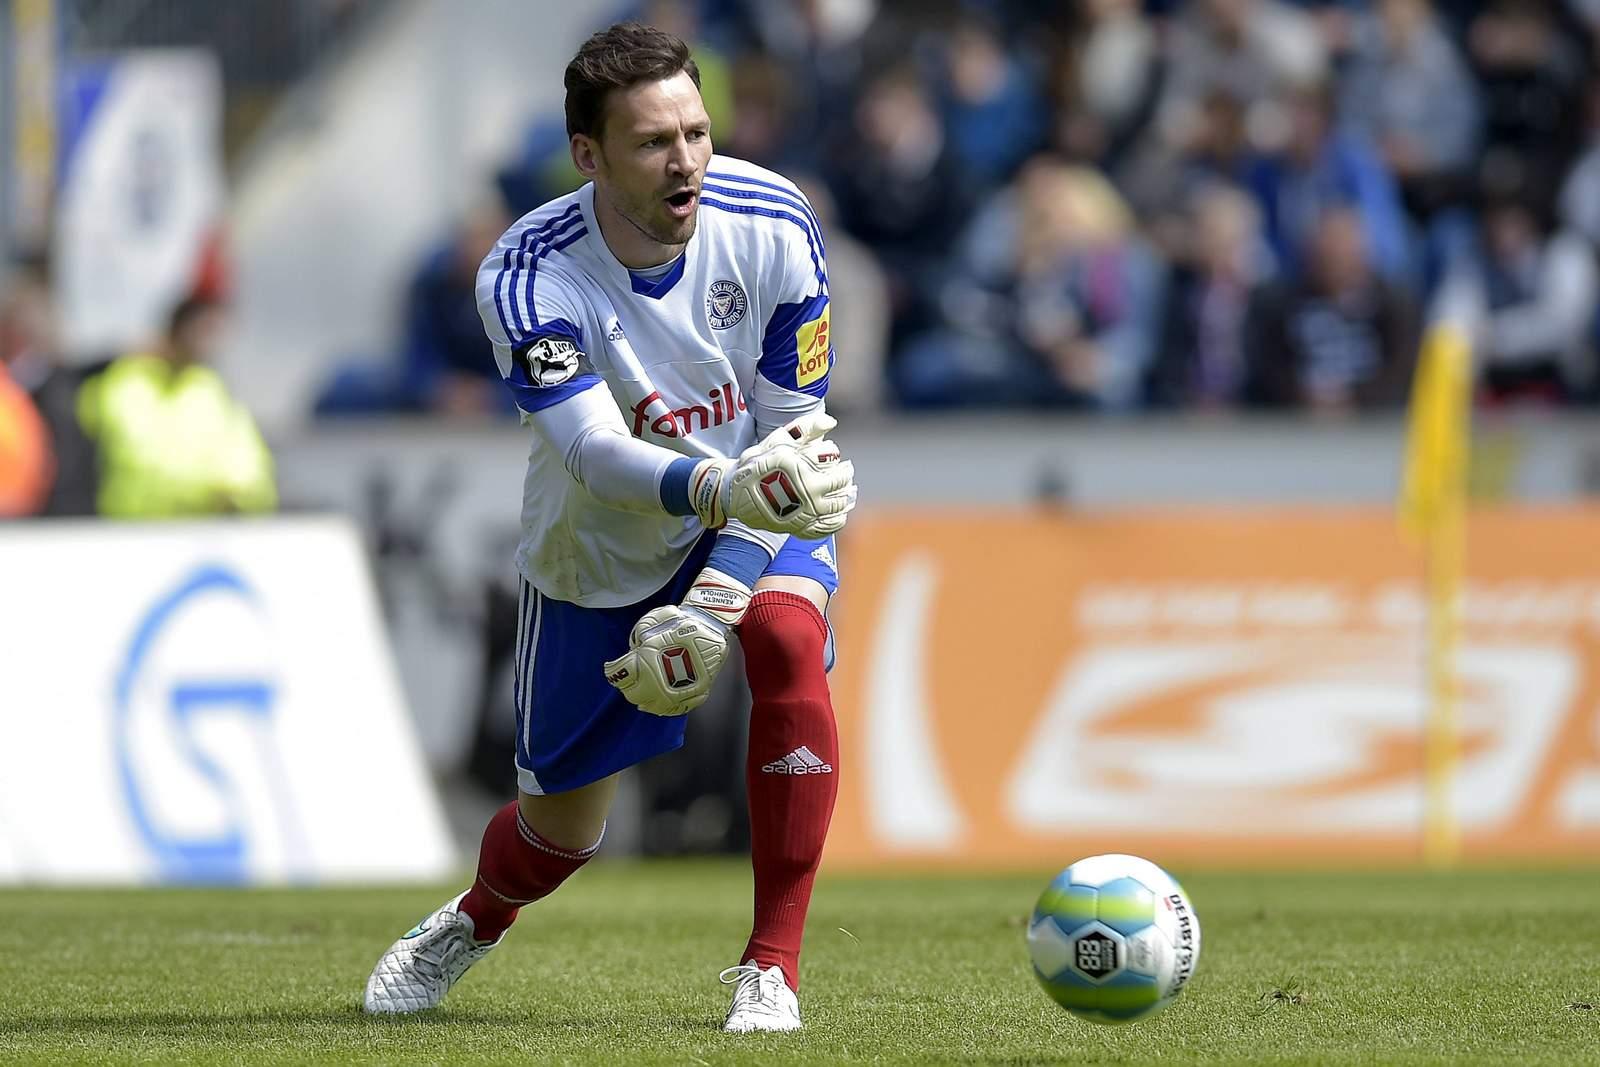 Kenneth Kronholm rollt den Ball zurück ins Spiel.